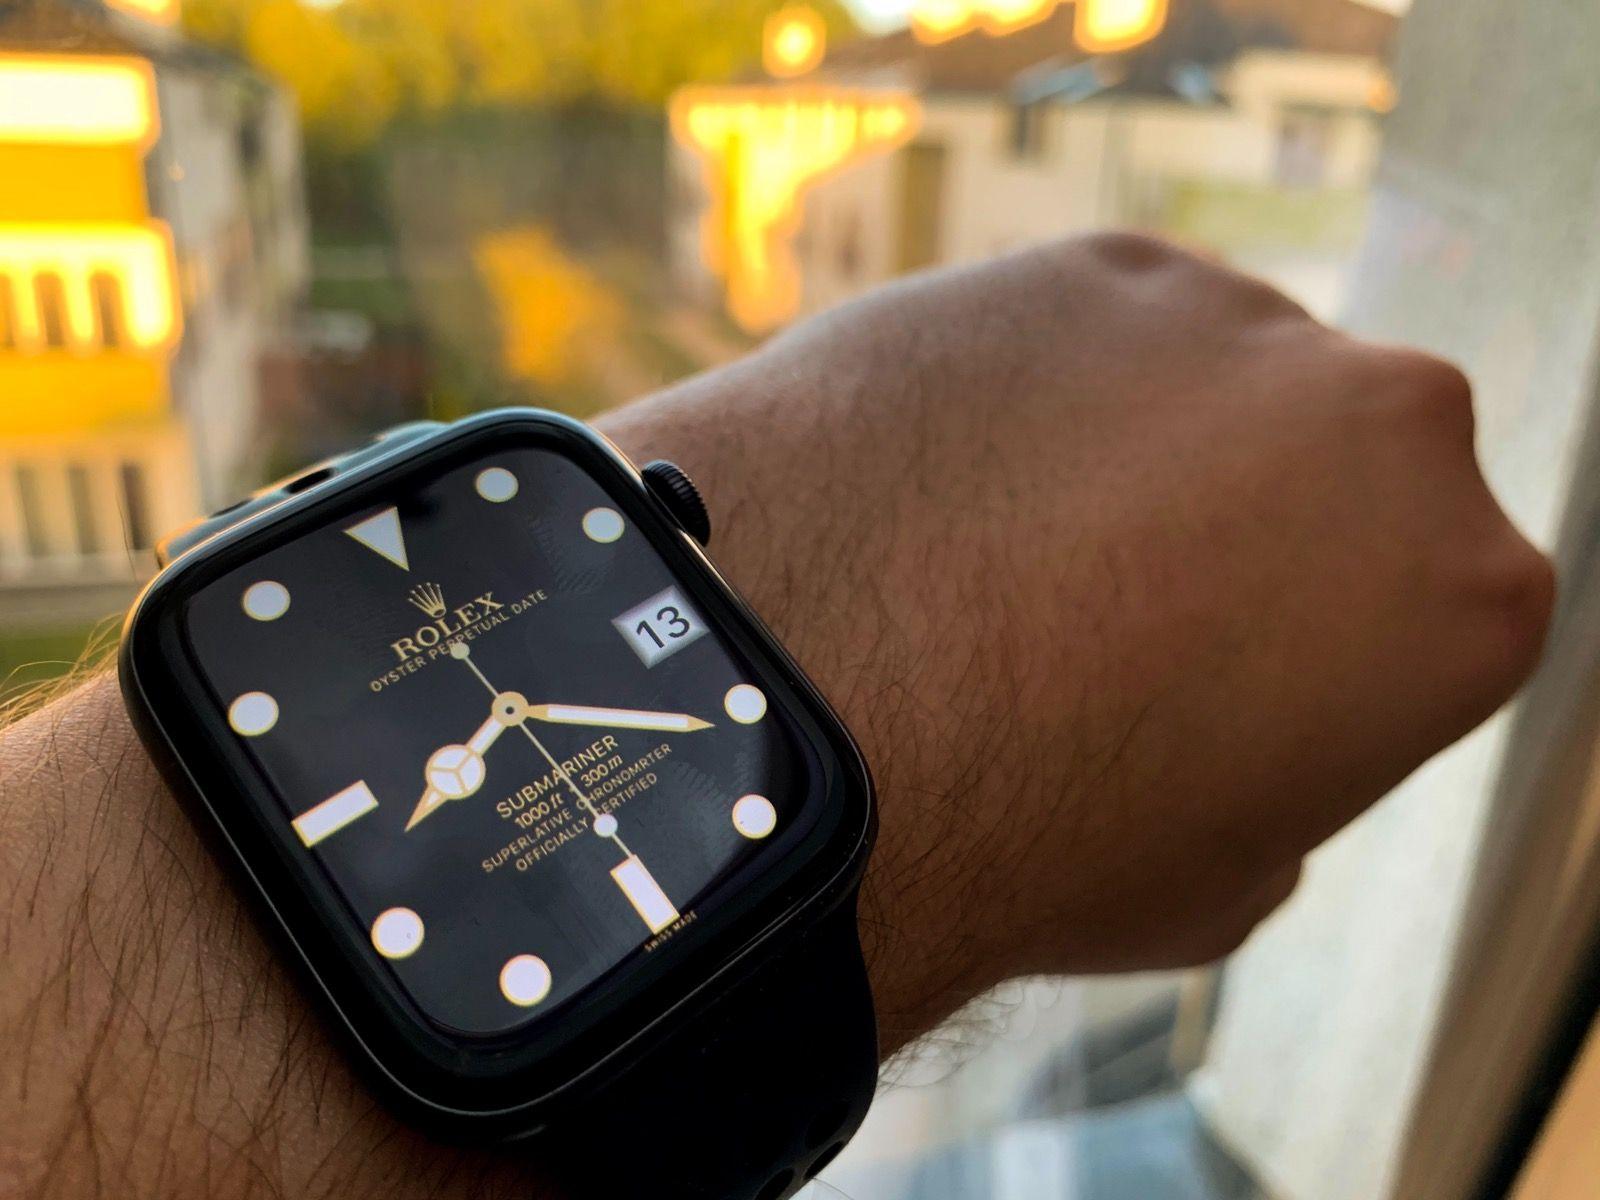 Jak dodać zupełnie nowe tarcze do Apple Watch bez Jailbreak?